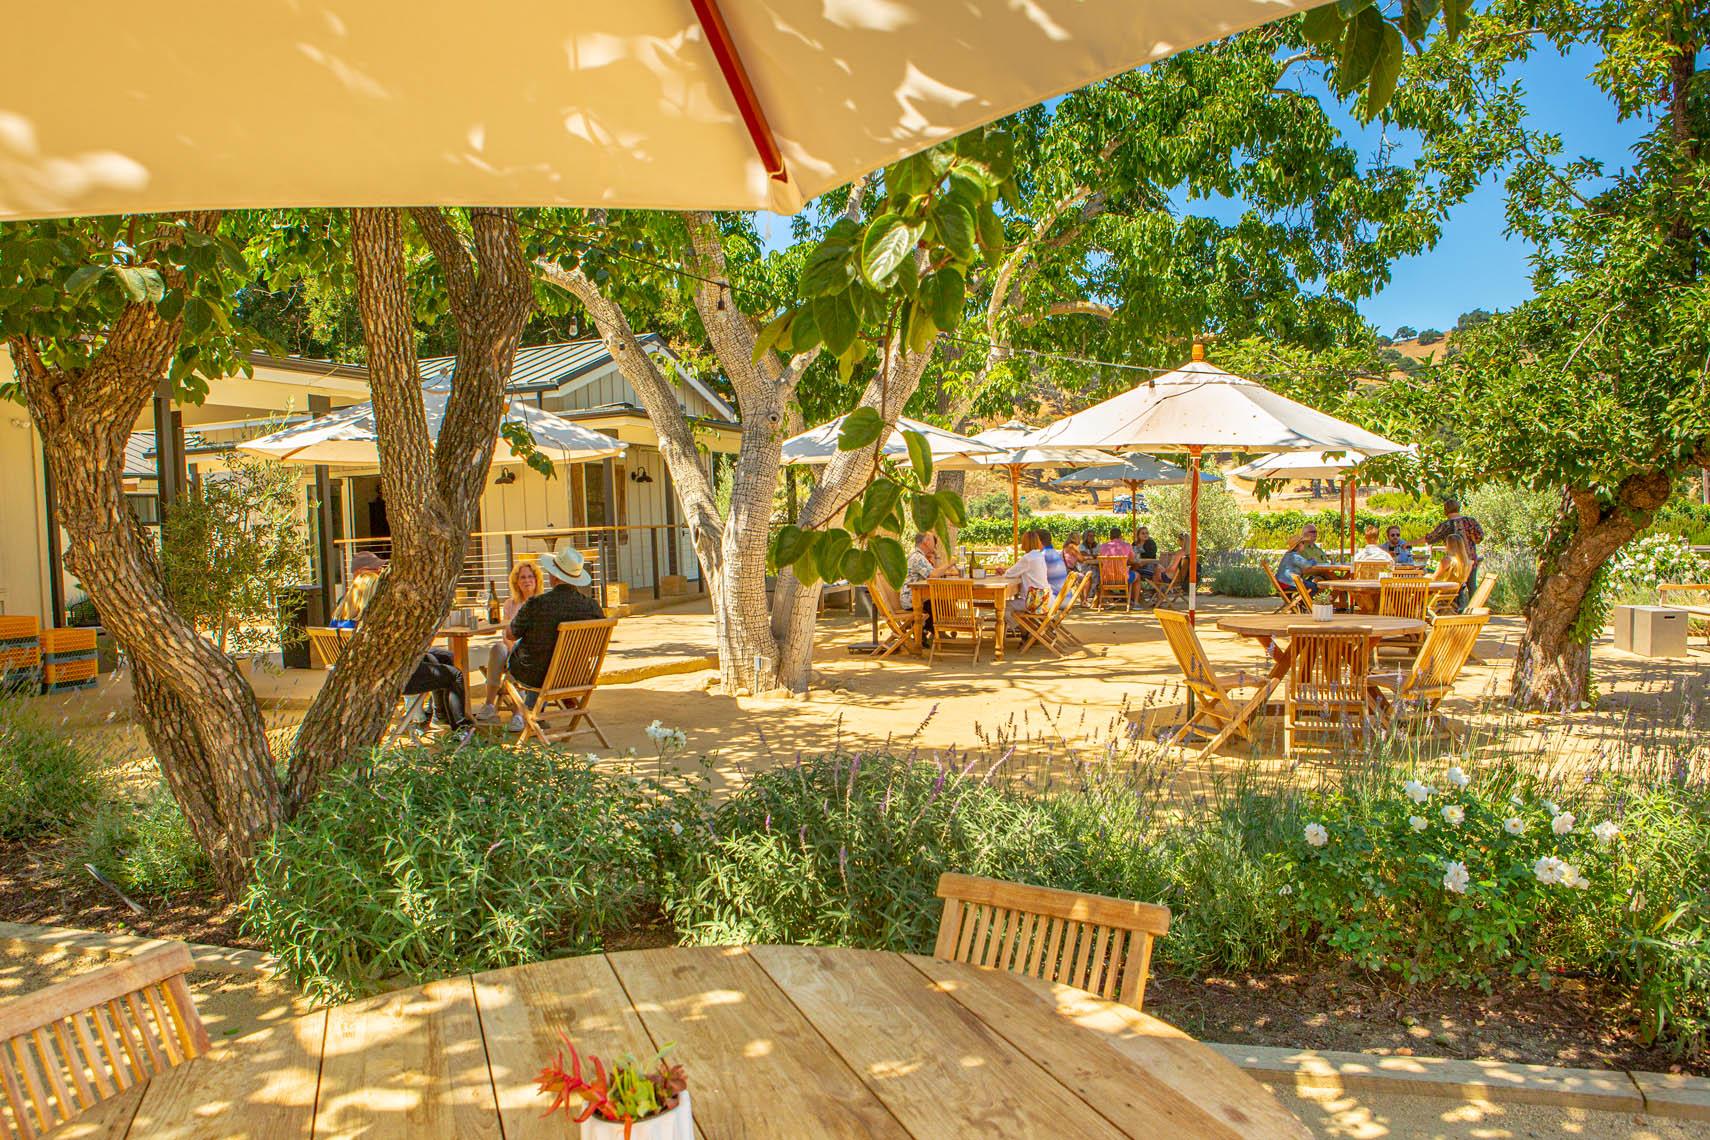 patio of wine tasting room, Folded Hills Farmstead